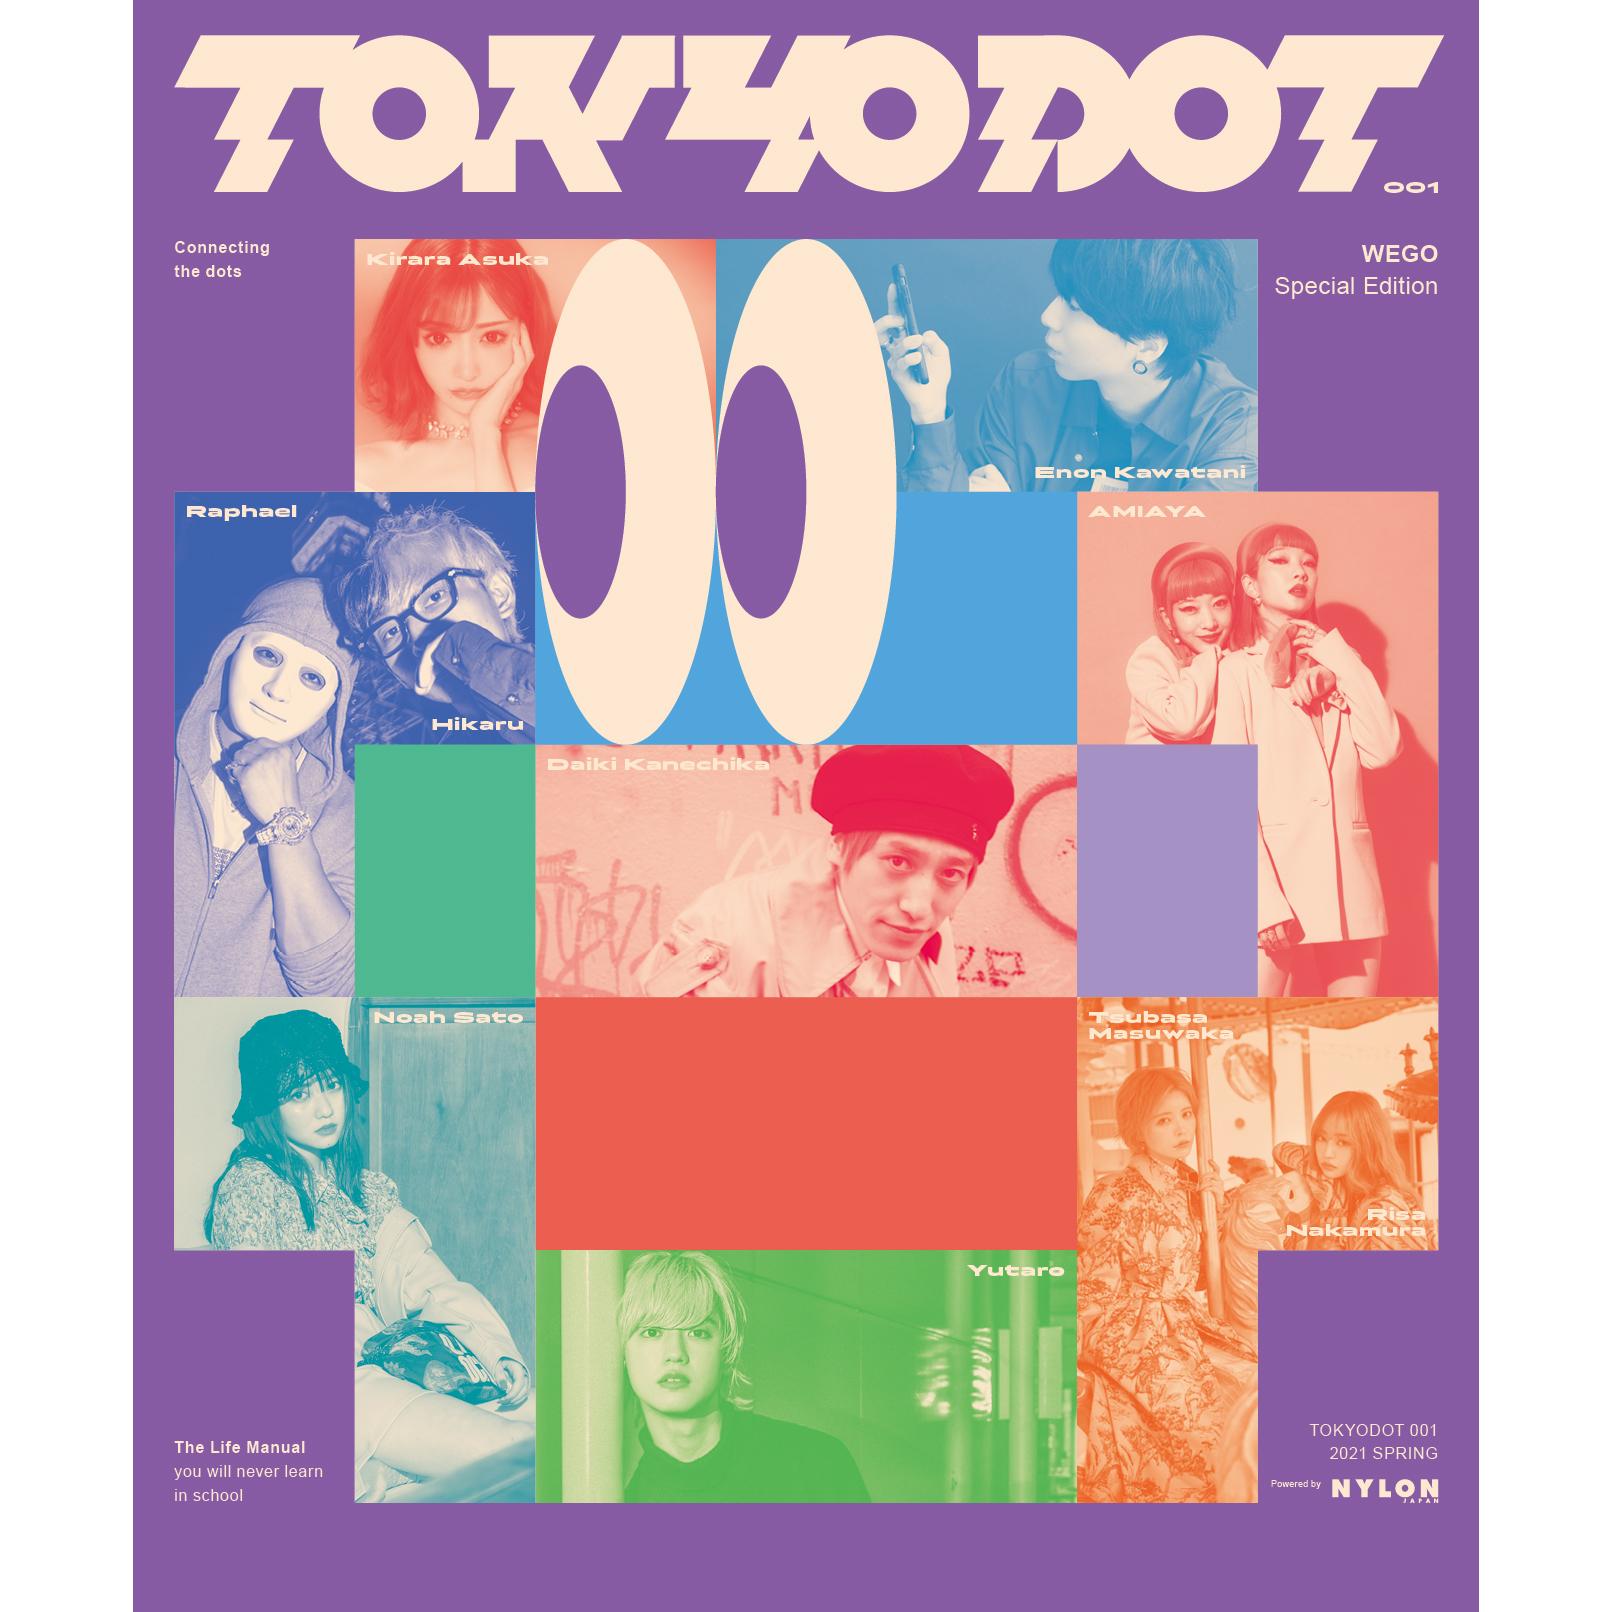 ファッション&カルチャー雑誌『TOKYODOT』限定カバー版が、5/7〜WEGOで発売決定!